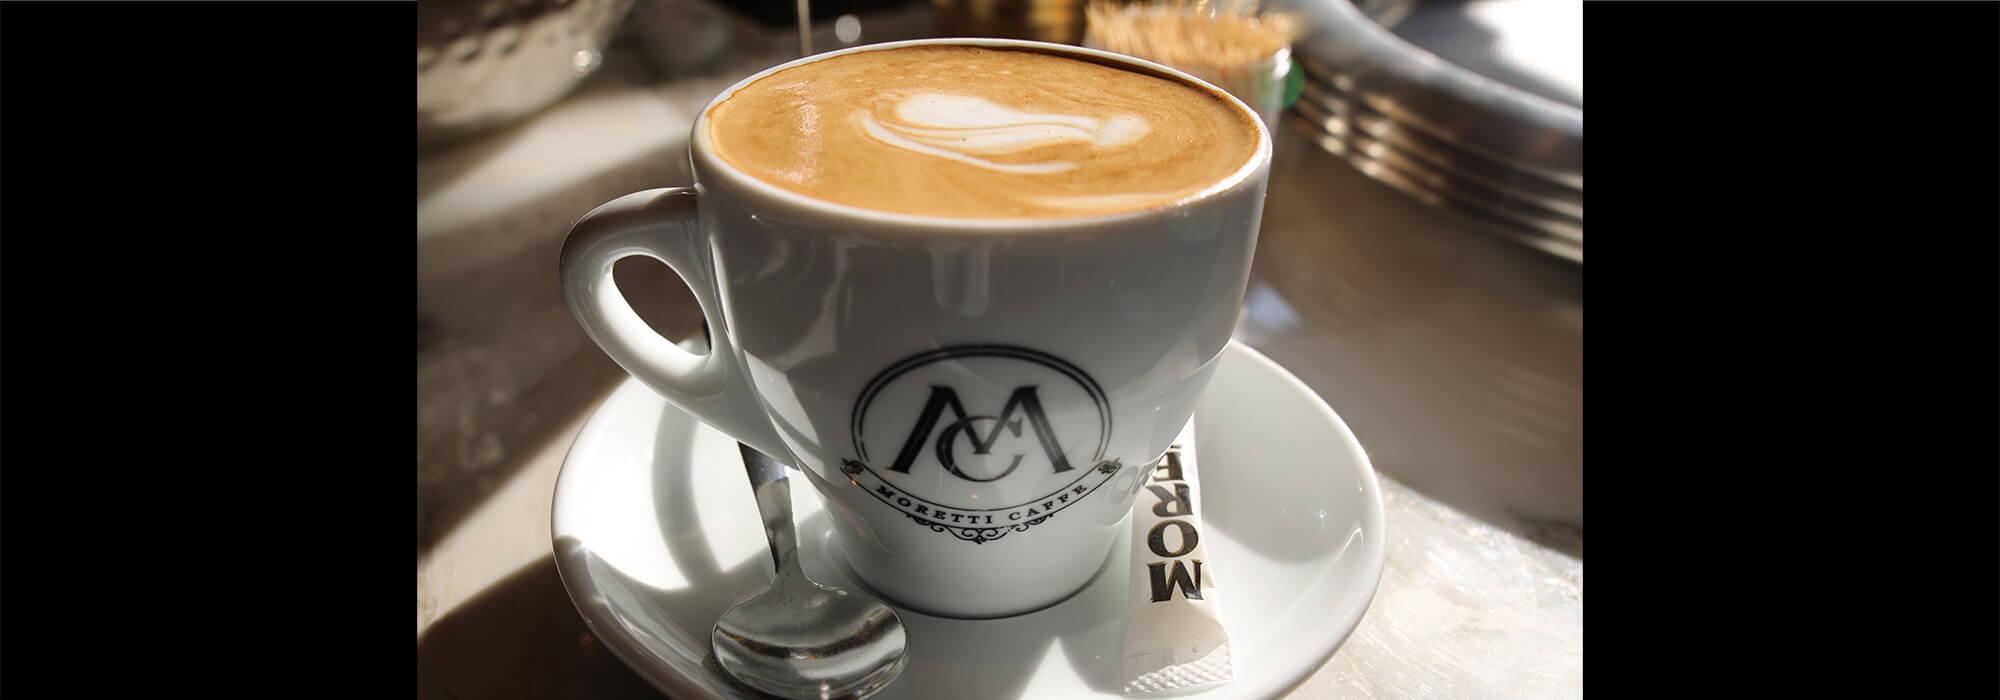 Latte at Moretti Caffe